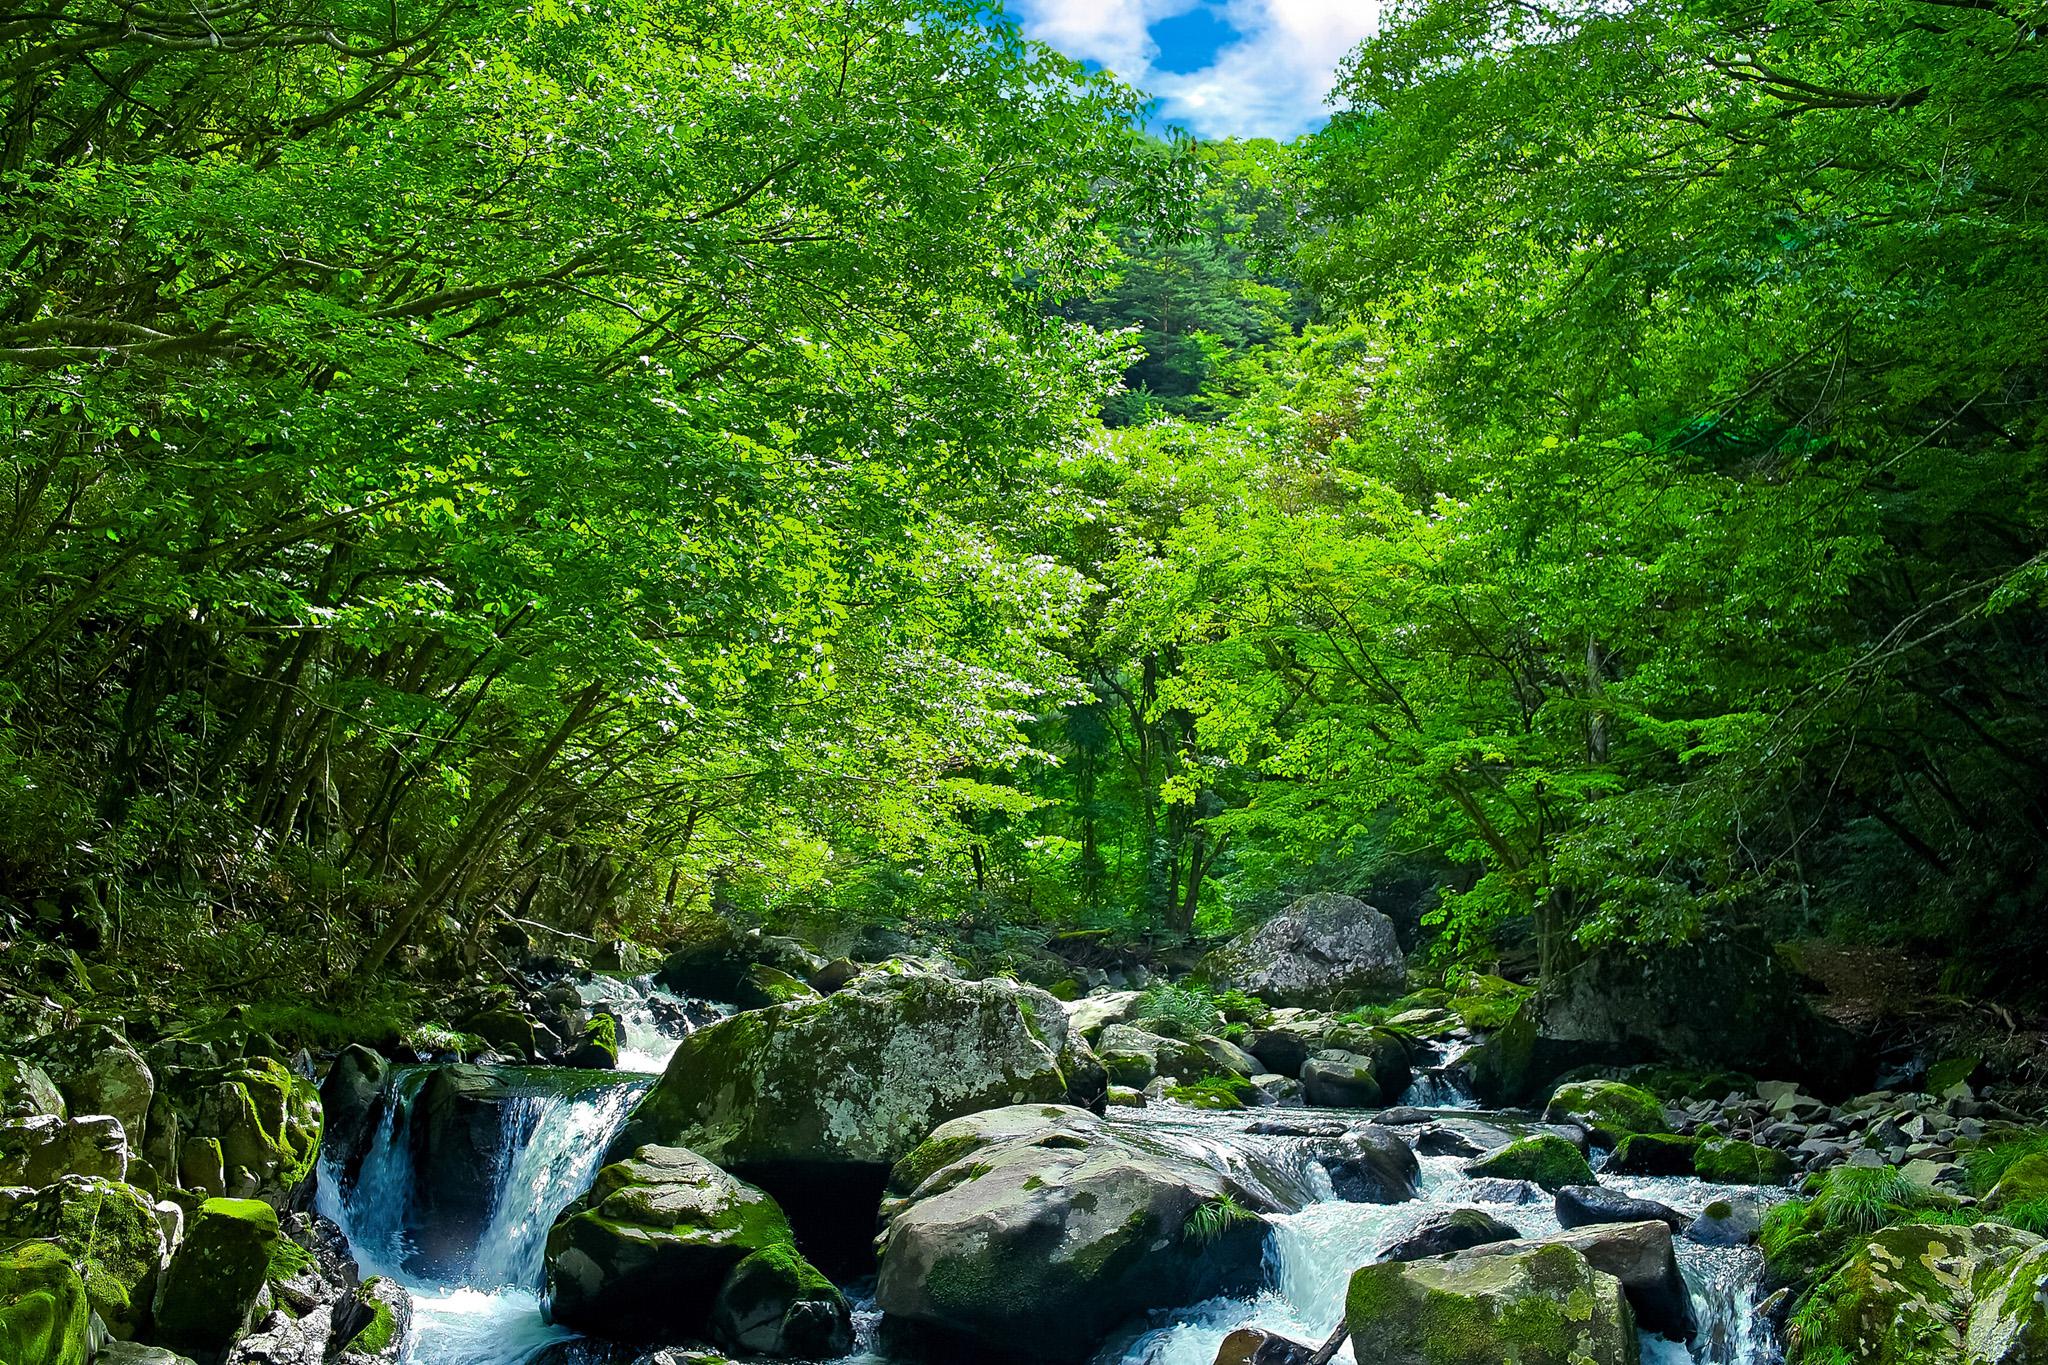 緑あふれる林の中を流れる夏の清流